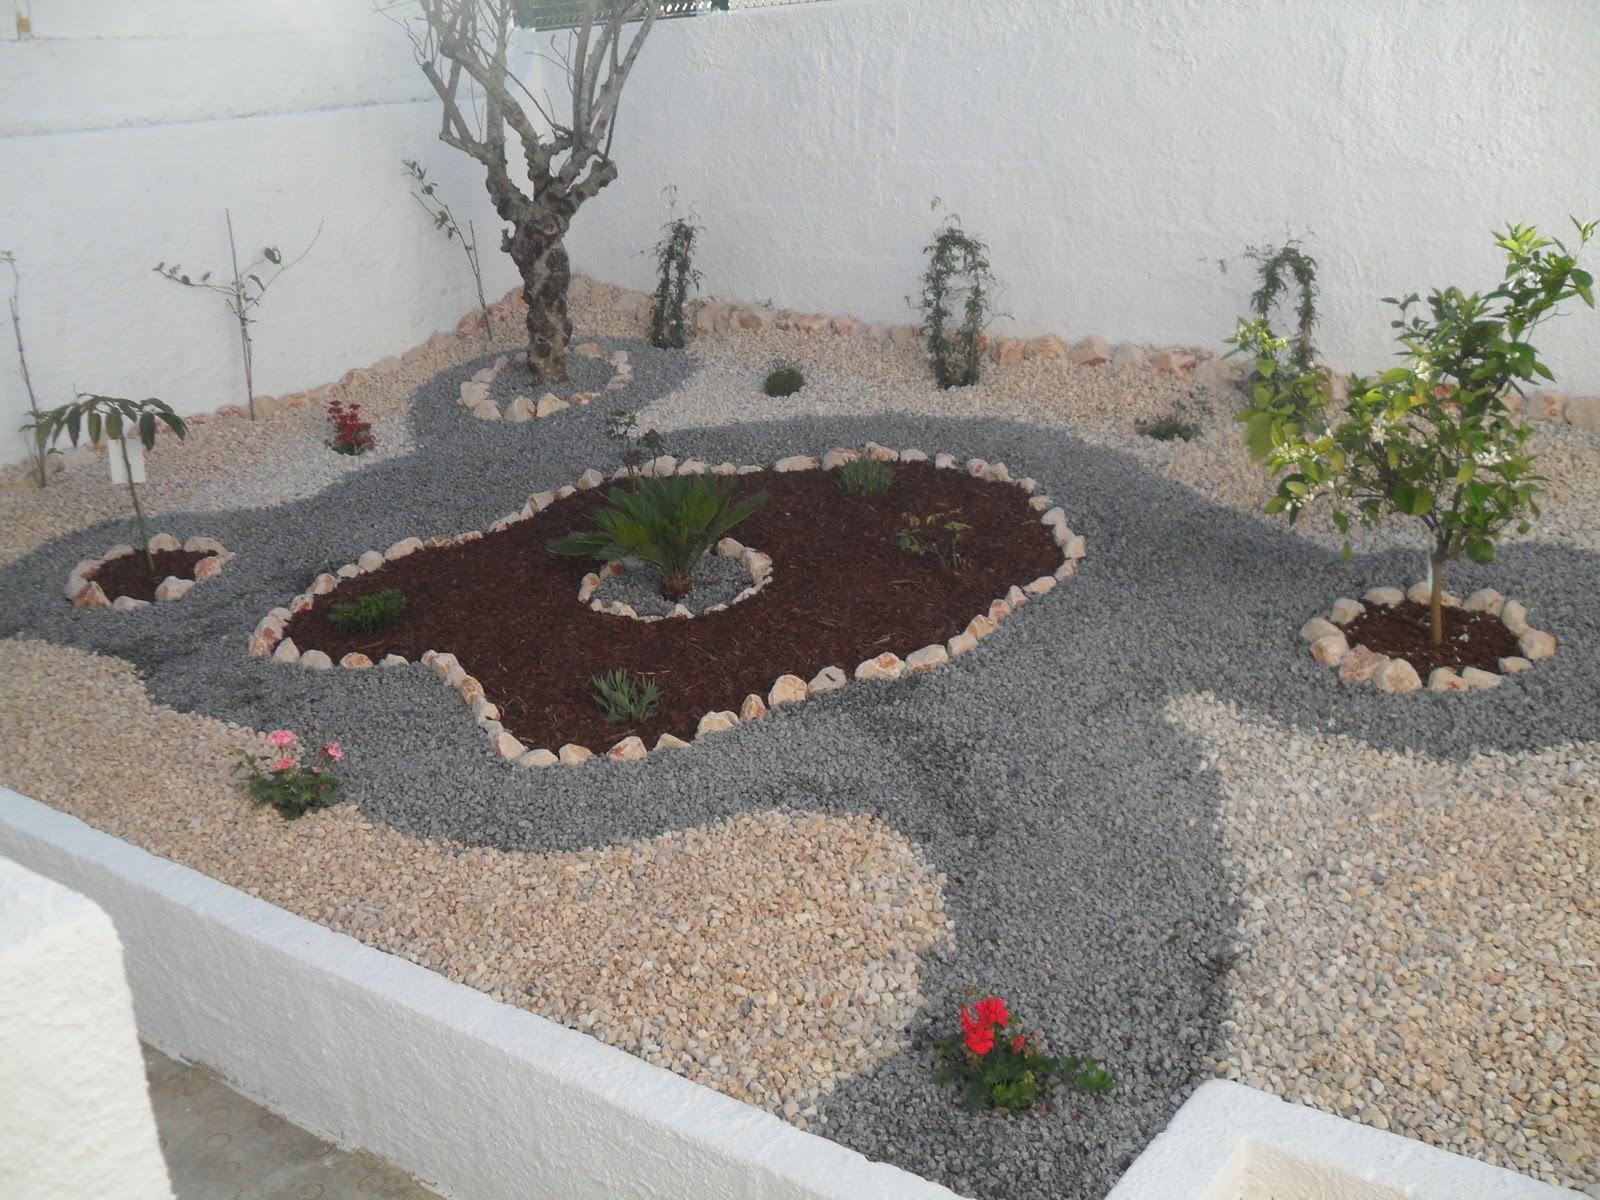 JK Jardinagem e Multi Serviços Construç u00e3o do Jardim , Decoraç u00e3o com Pedras Casa do Diplomata  # Decoração De Jardins Com Pedras E Flores